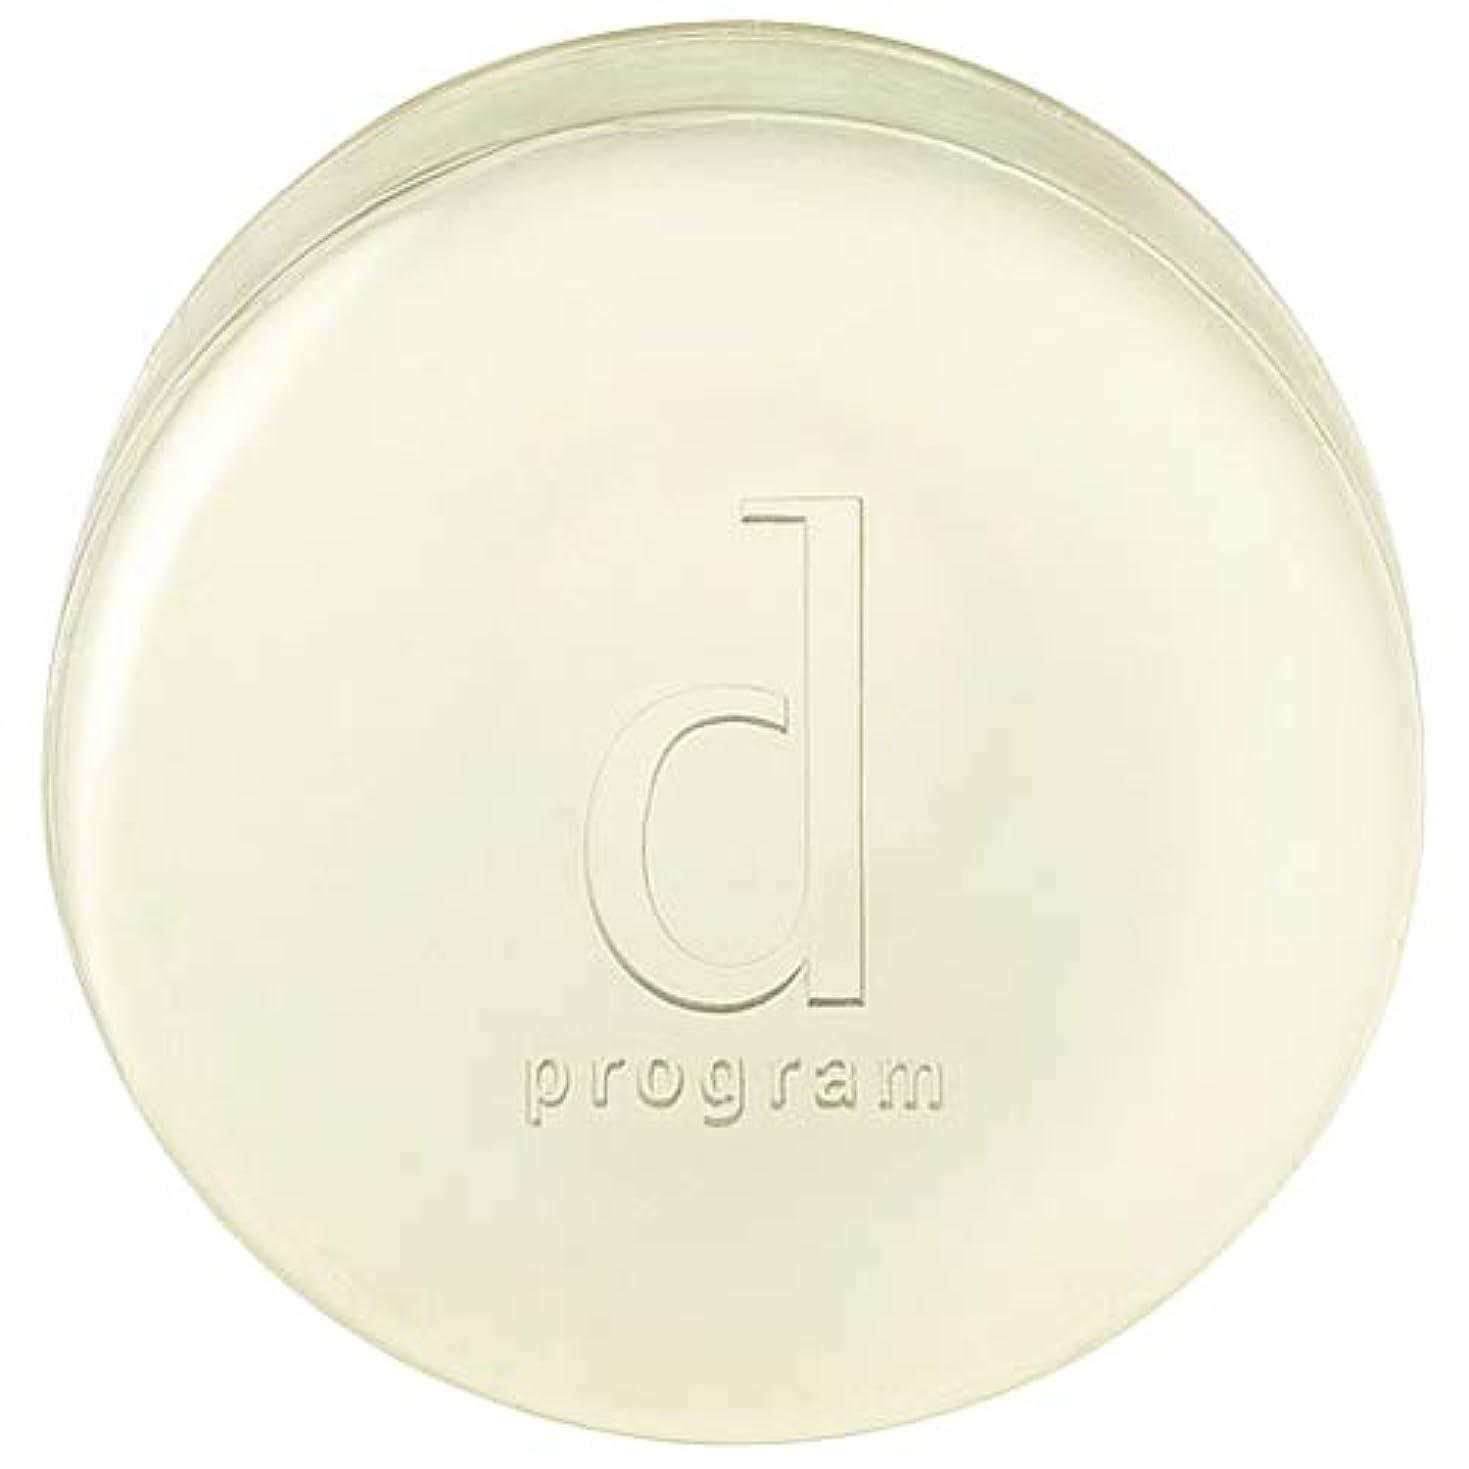 光堀付録d program 資生堂 コンディショニングソープ 100g [366202] [並行輸入品]